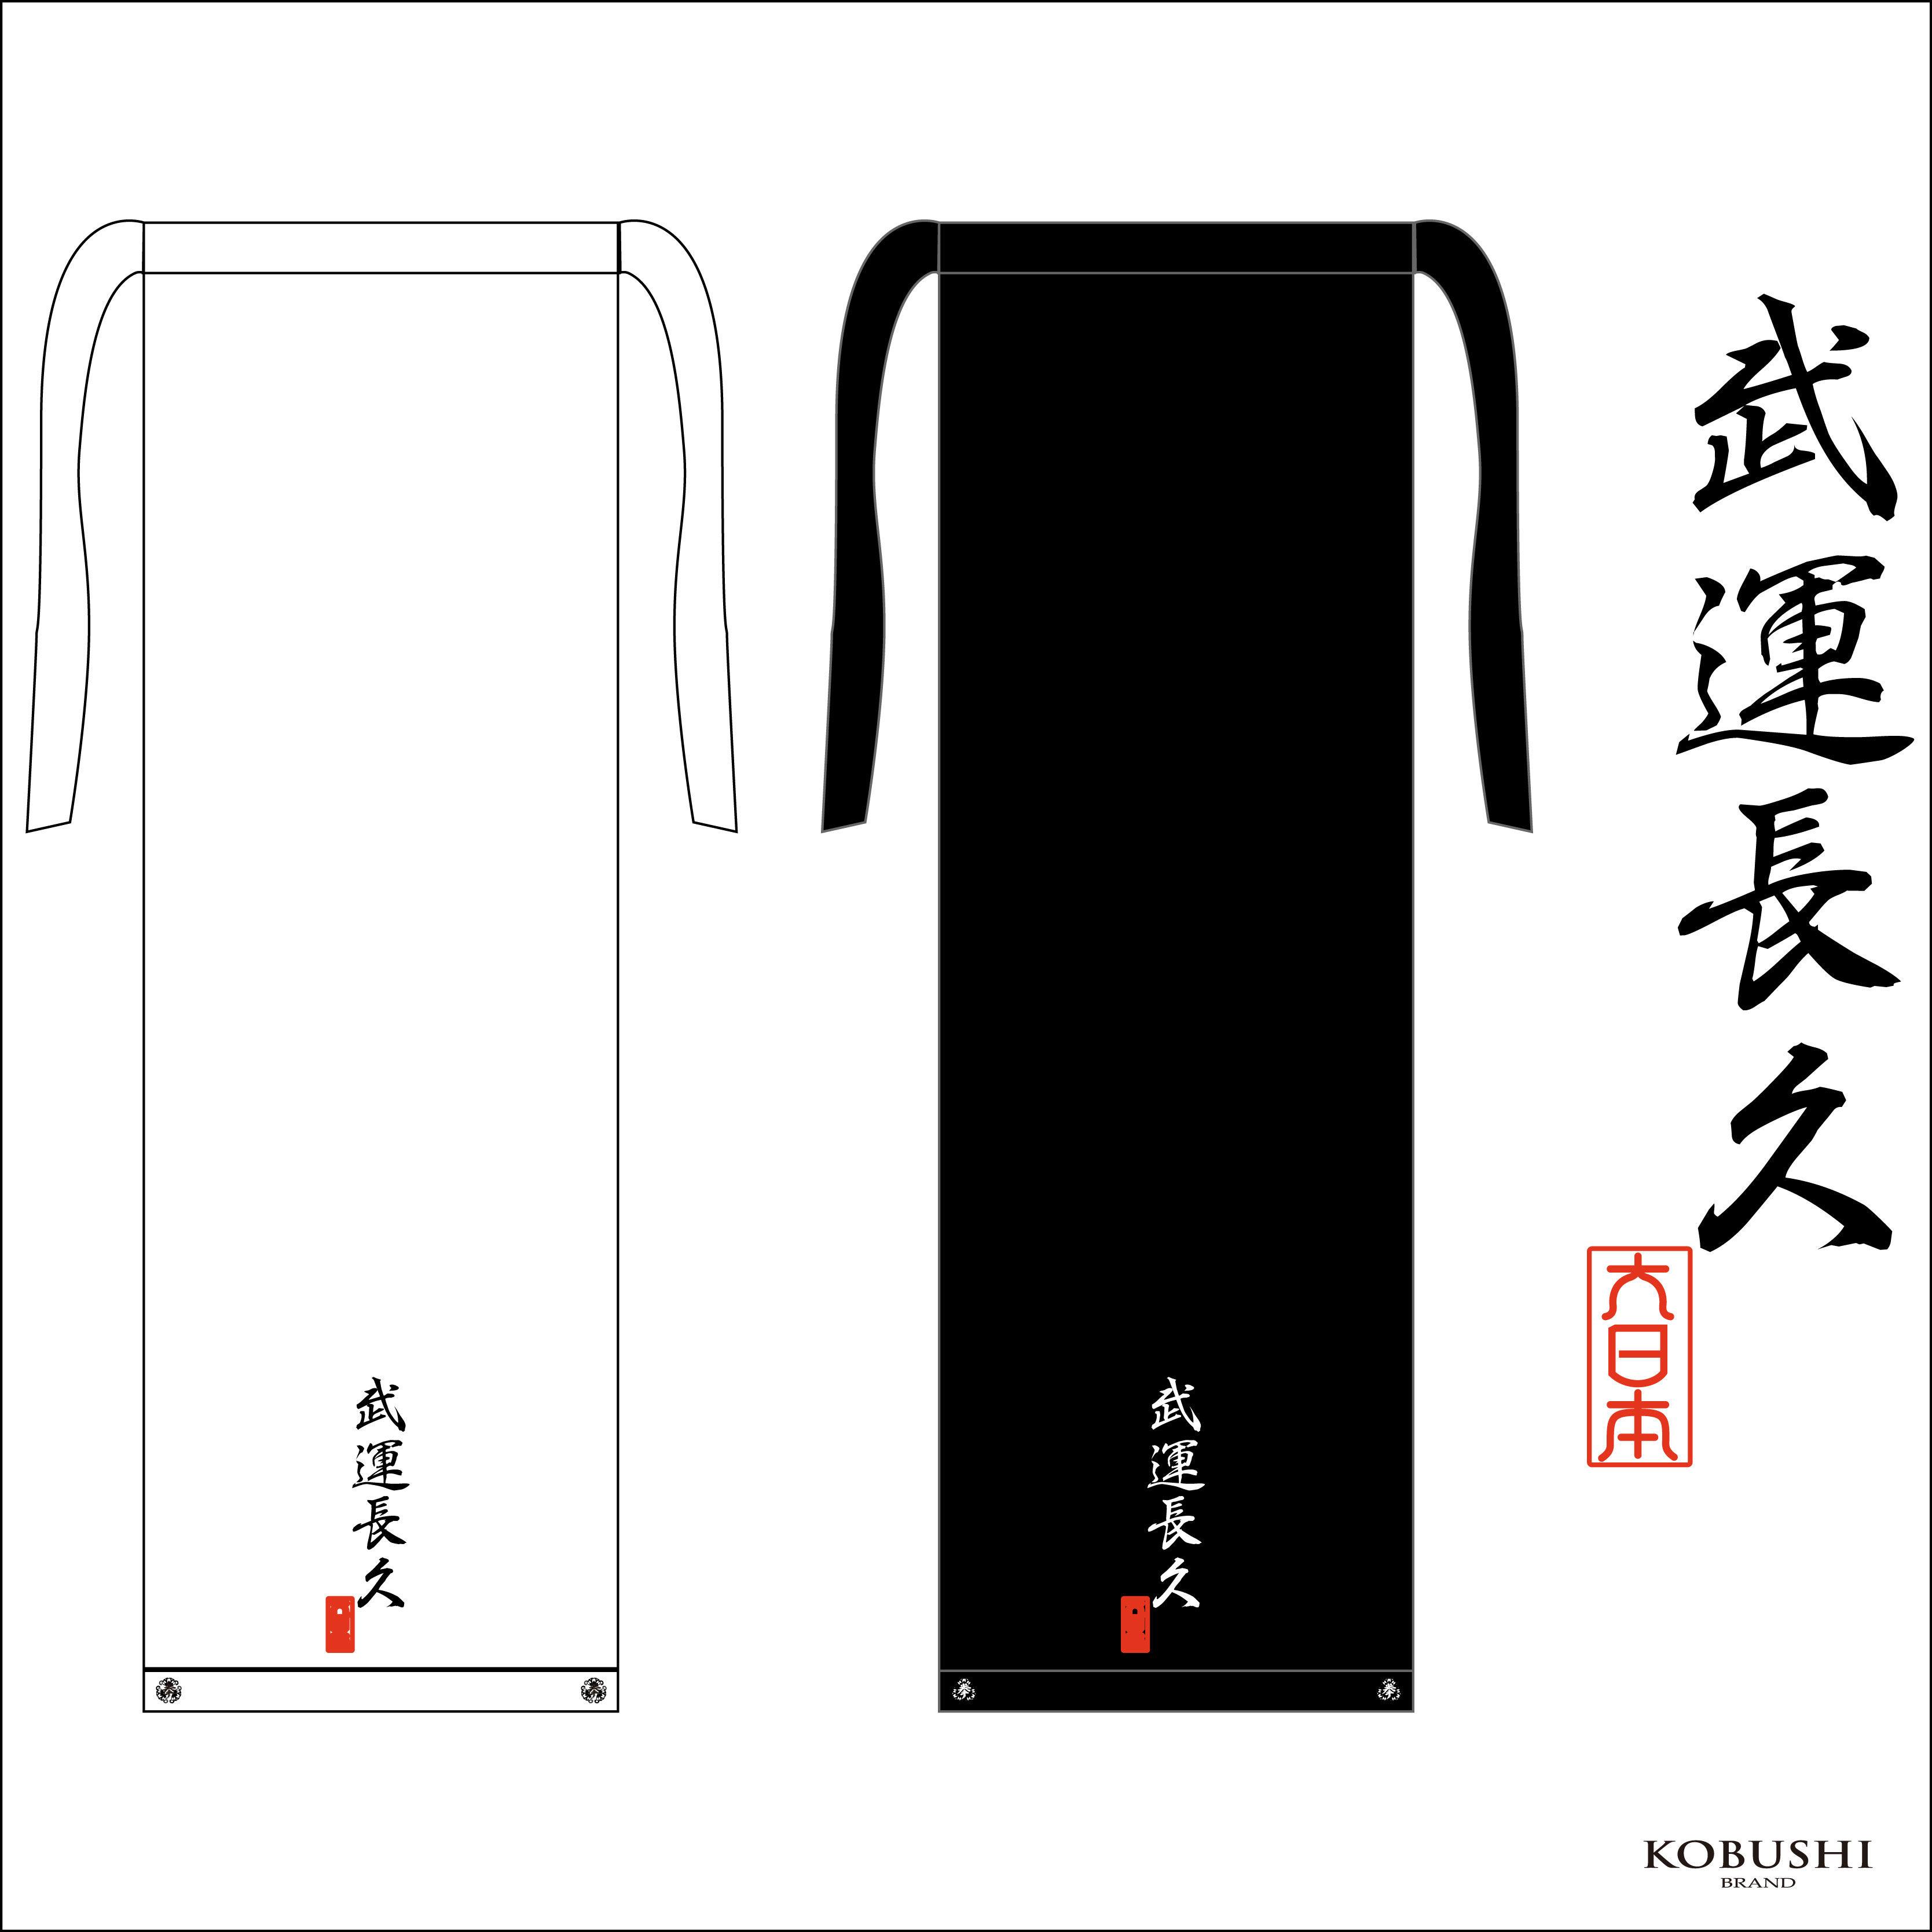 拳式 越中褌/フンドシ/FUNDOSHI(TYPE ECCHU OF KOBUSHI)-武運長久(BUUN CHOU KYU)- KOBUSHI BRAND/拳BRAND/コブシブランド